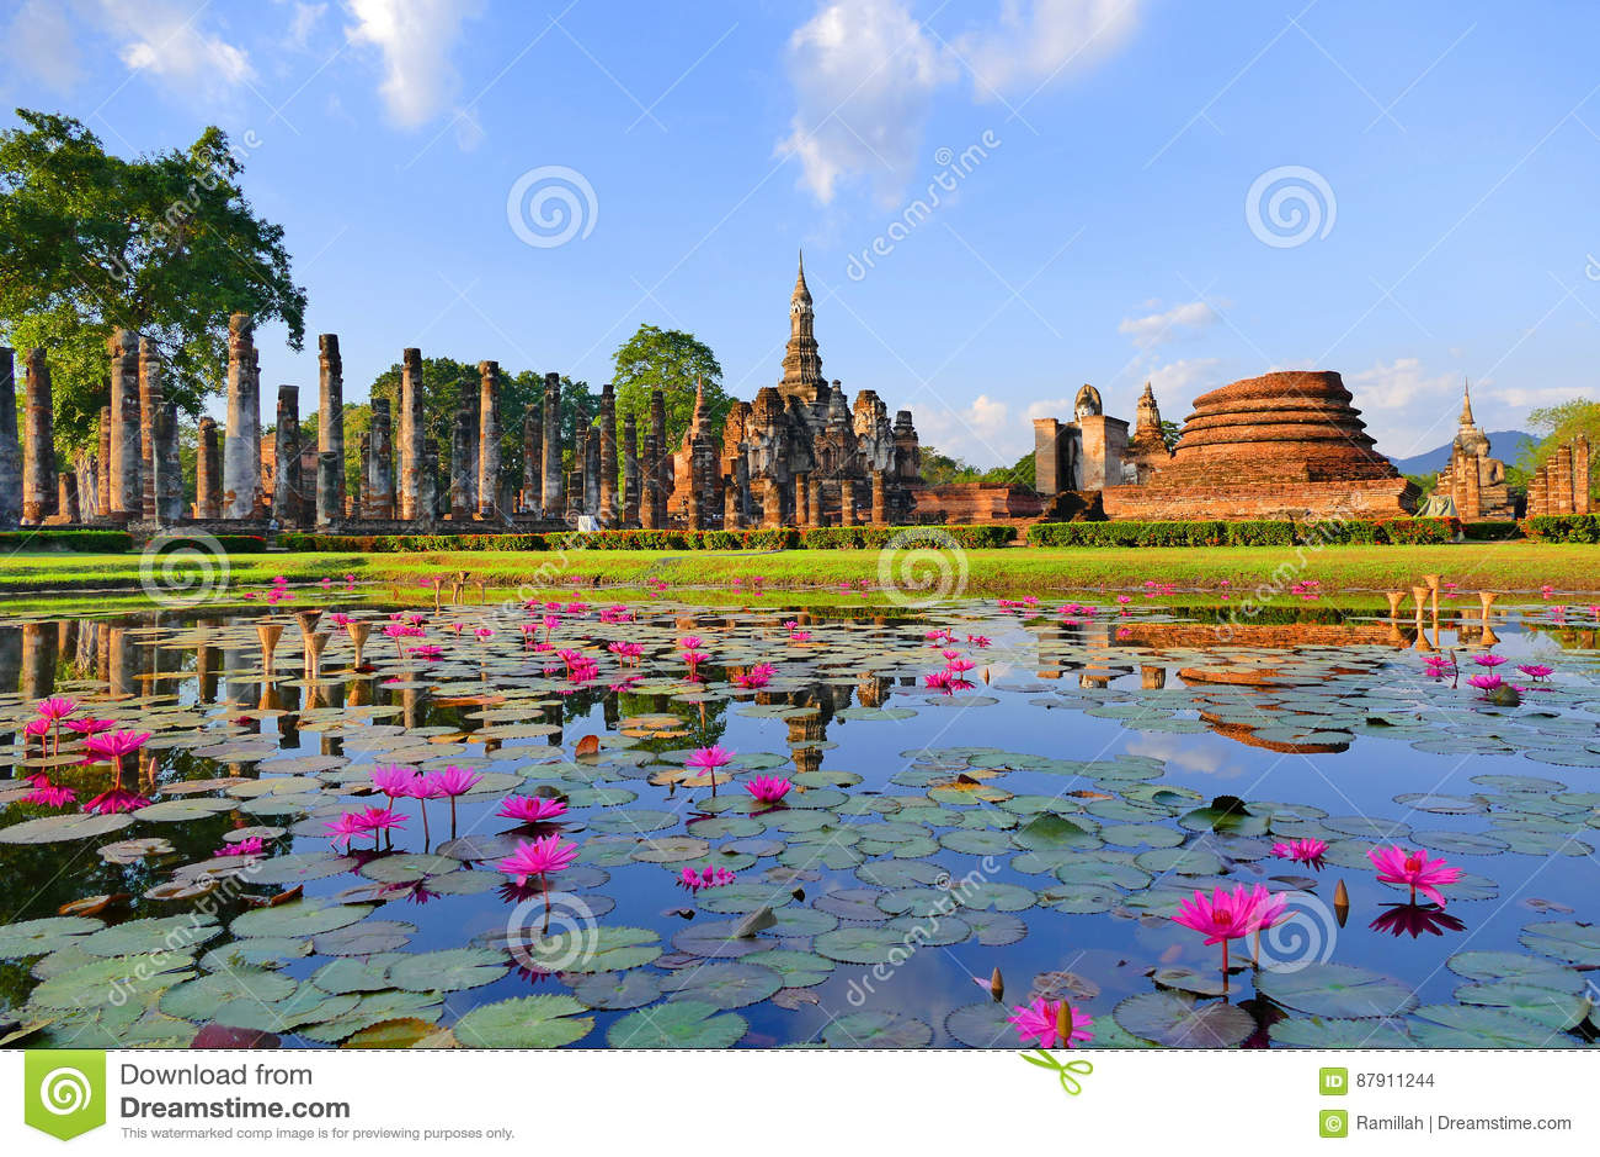 Fördärvar den forntida buddistiska templet för den härliga sikten för landskap sceniska av Wat Mahathat i den historiska Sukhotha